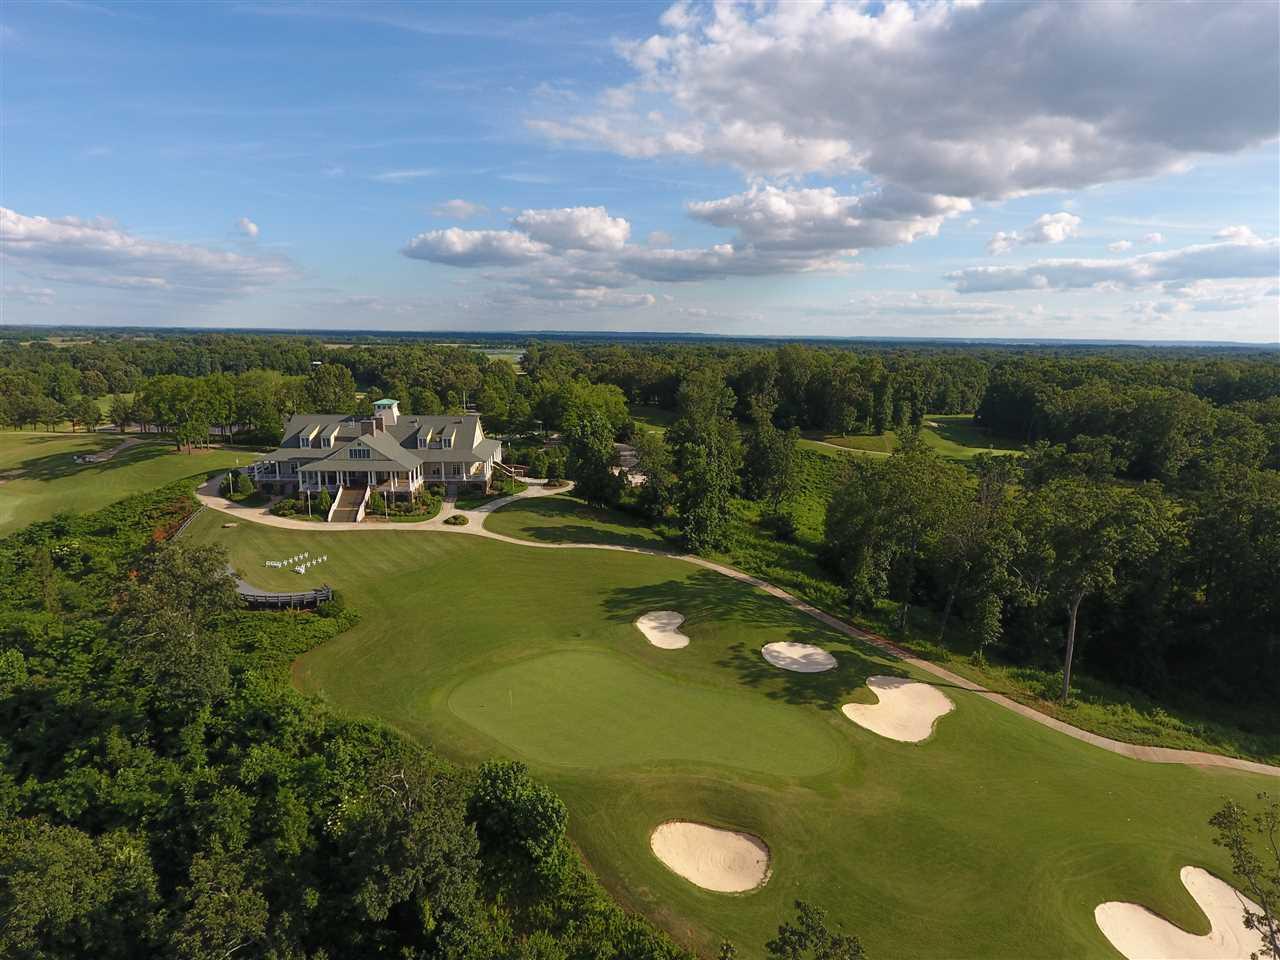 2 Robert Trent Jones Golf Courses within 10 minute